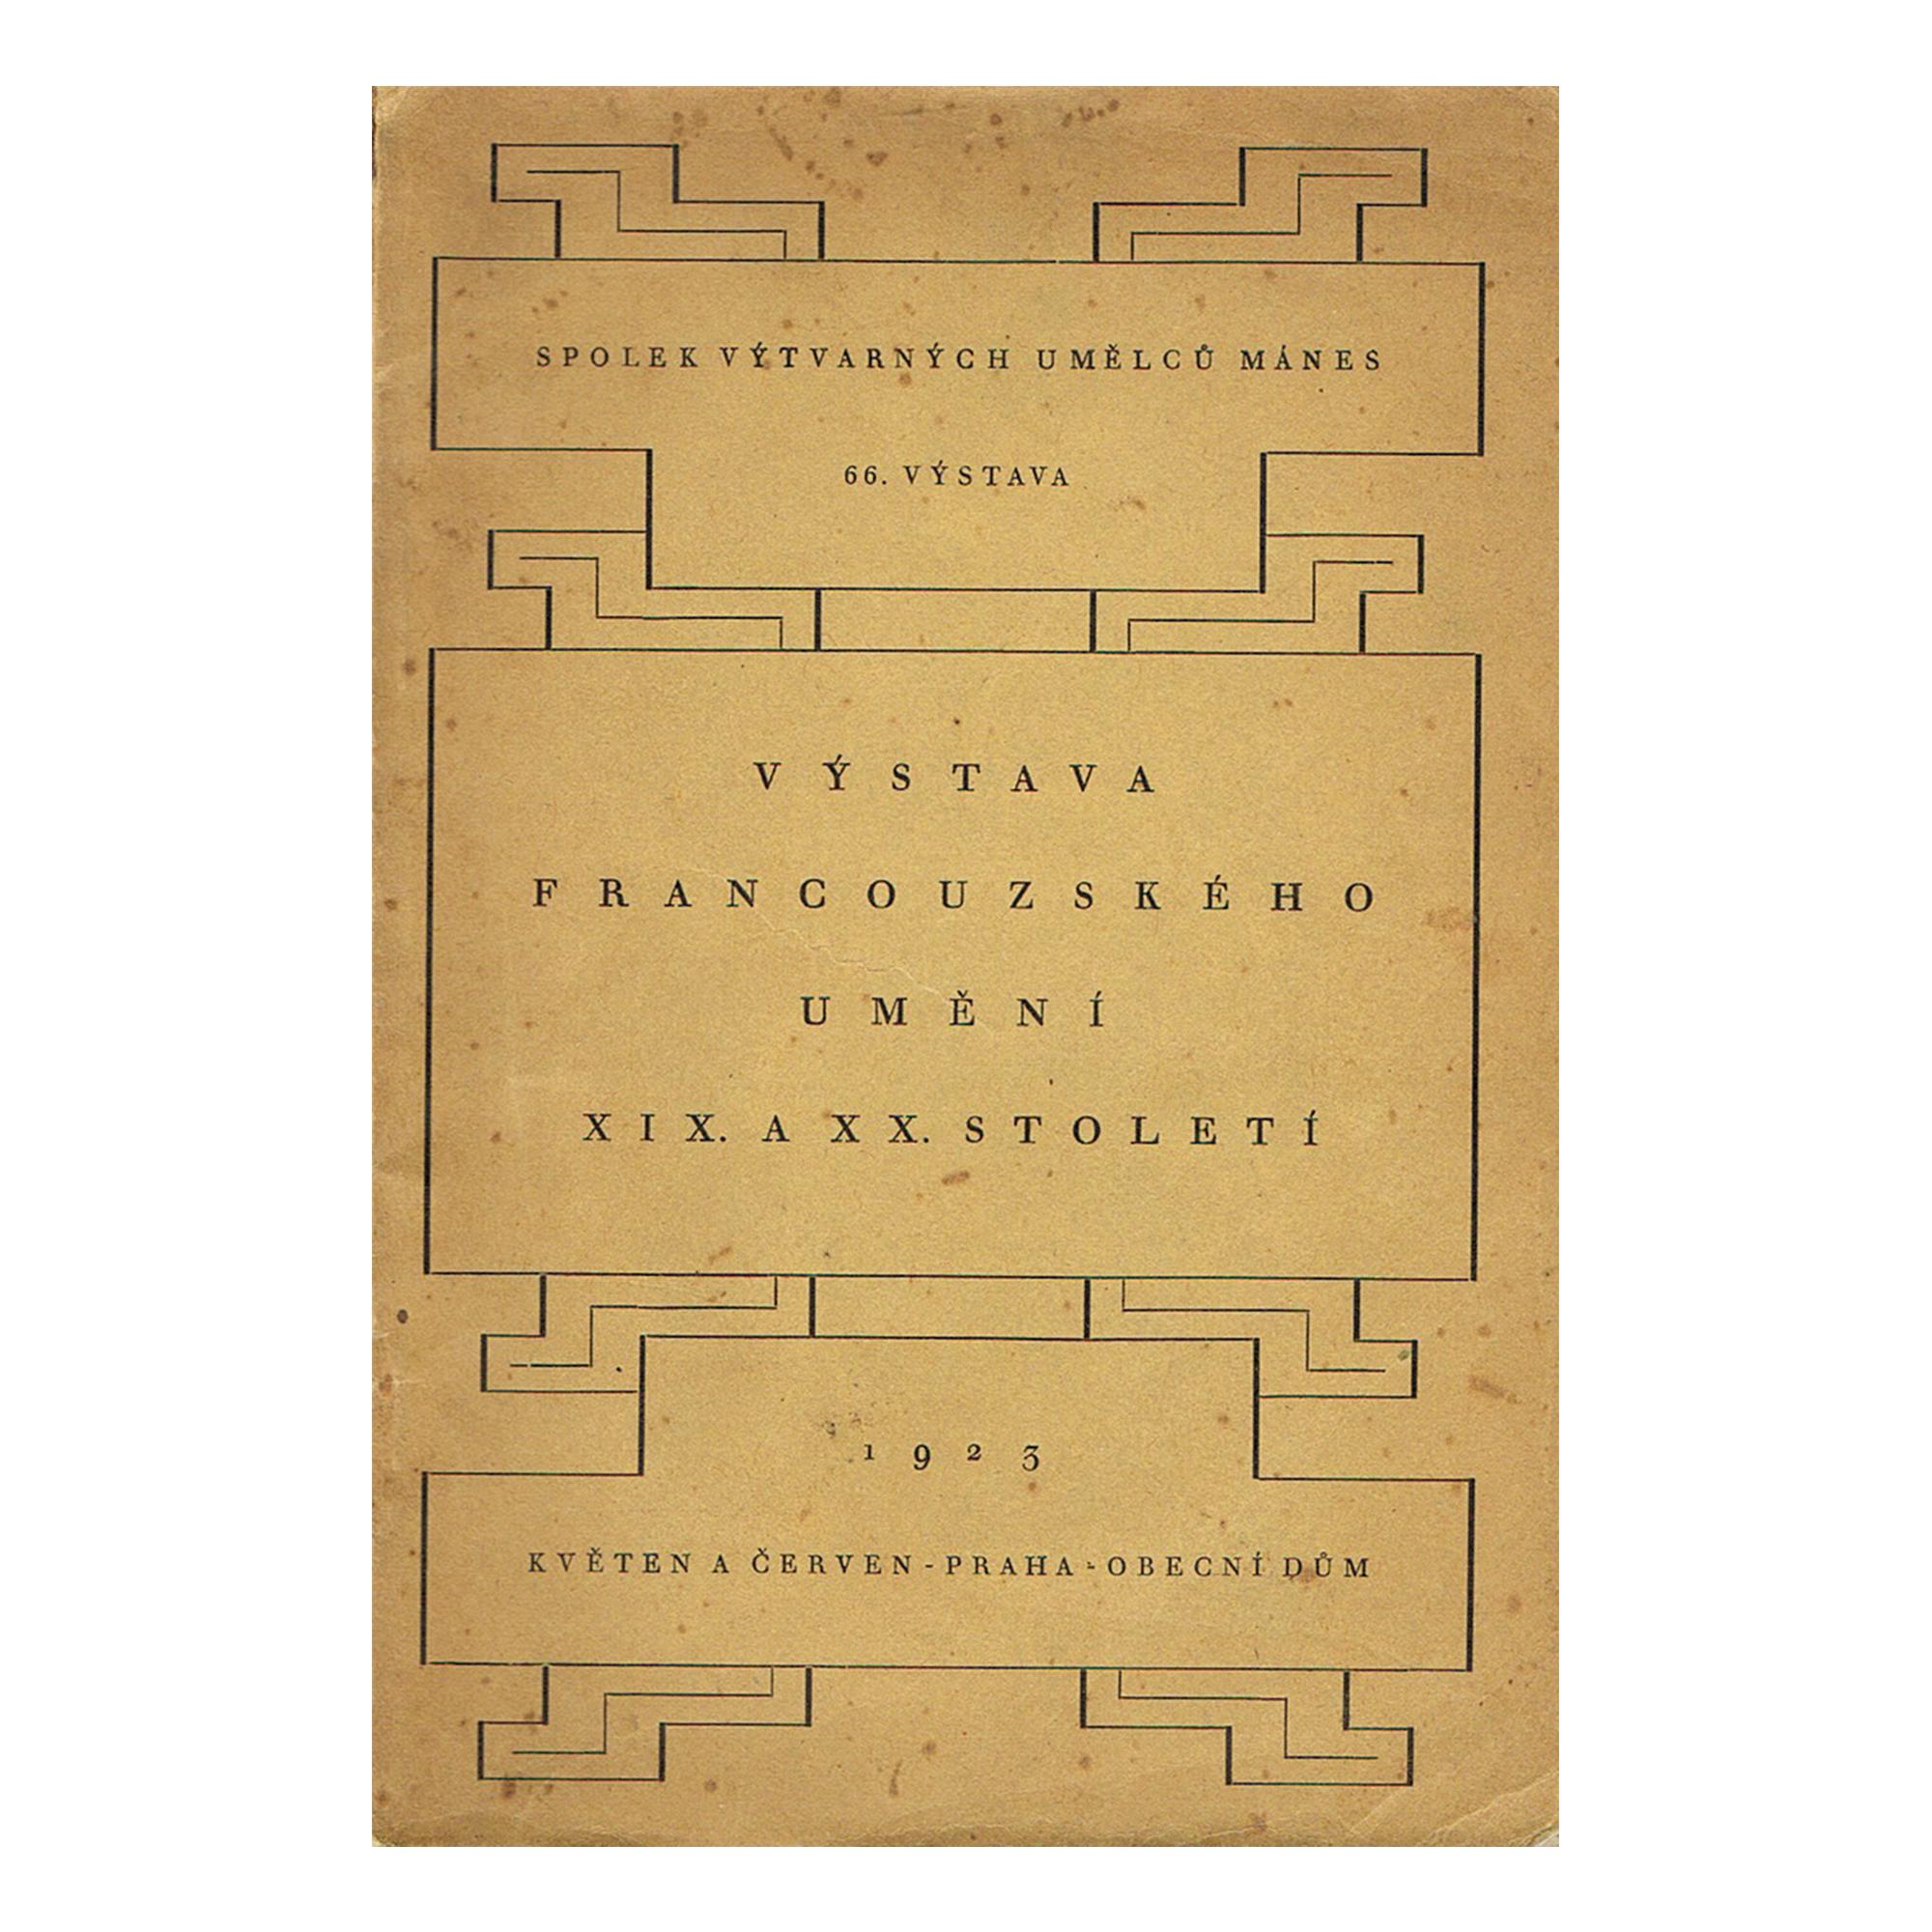 01-1369-Benda-Vystava-Francouzskeho-Umeni-1923-1.jpeg